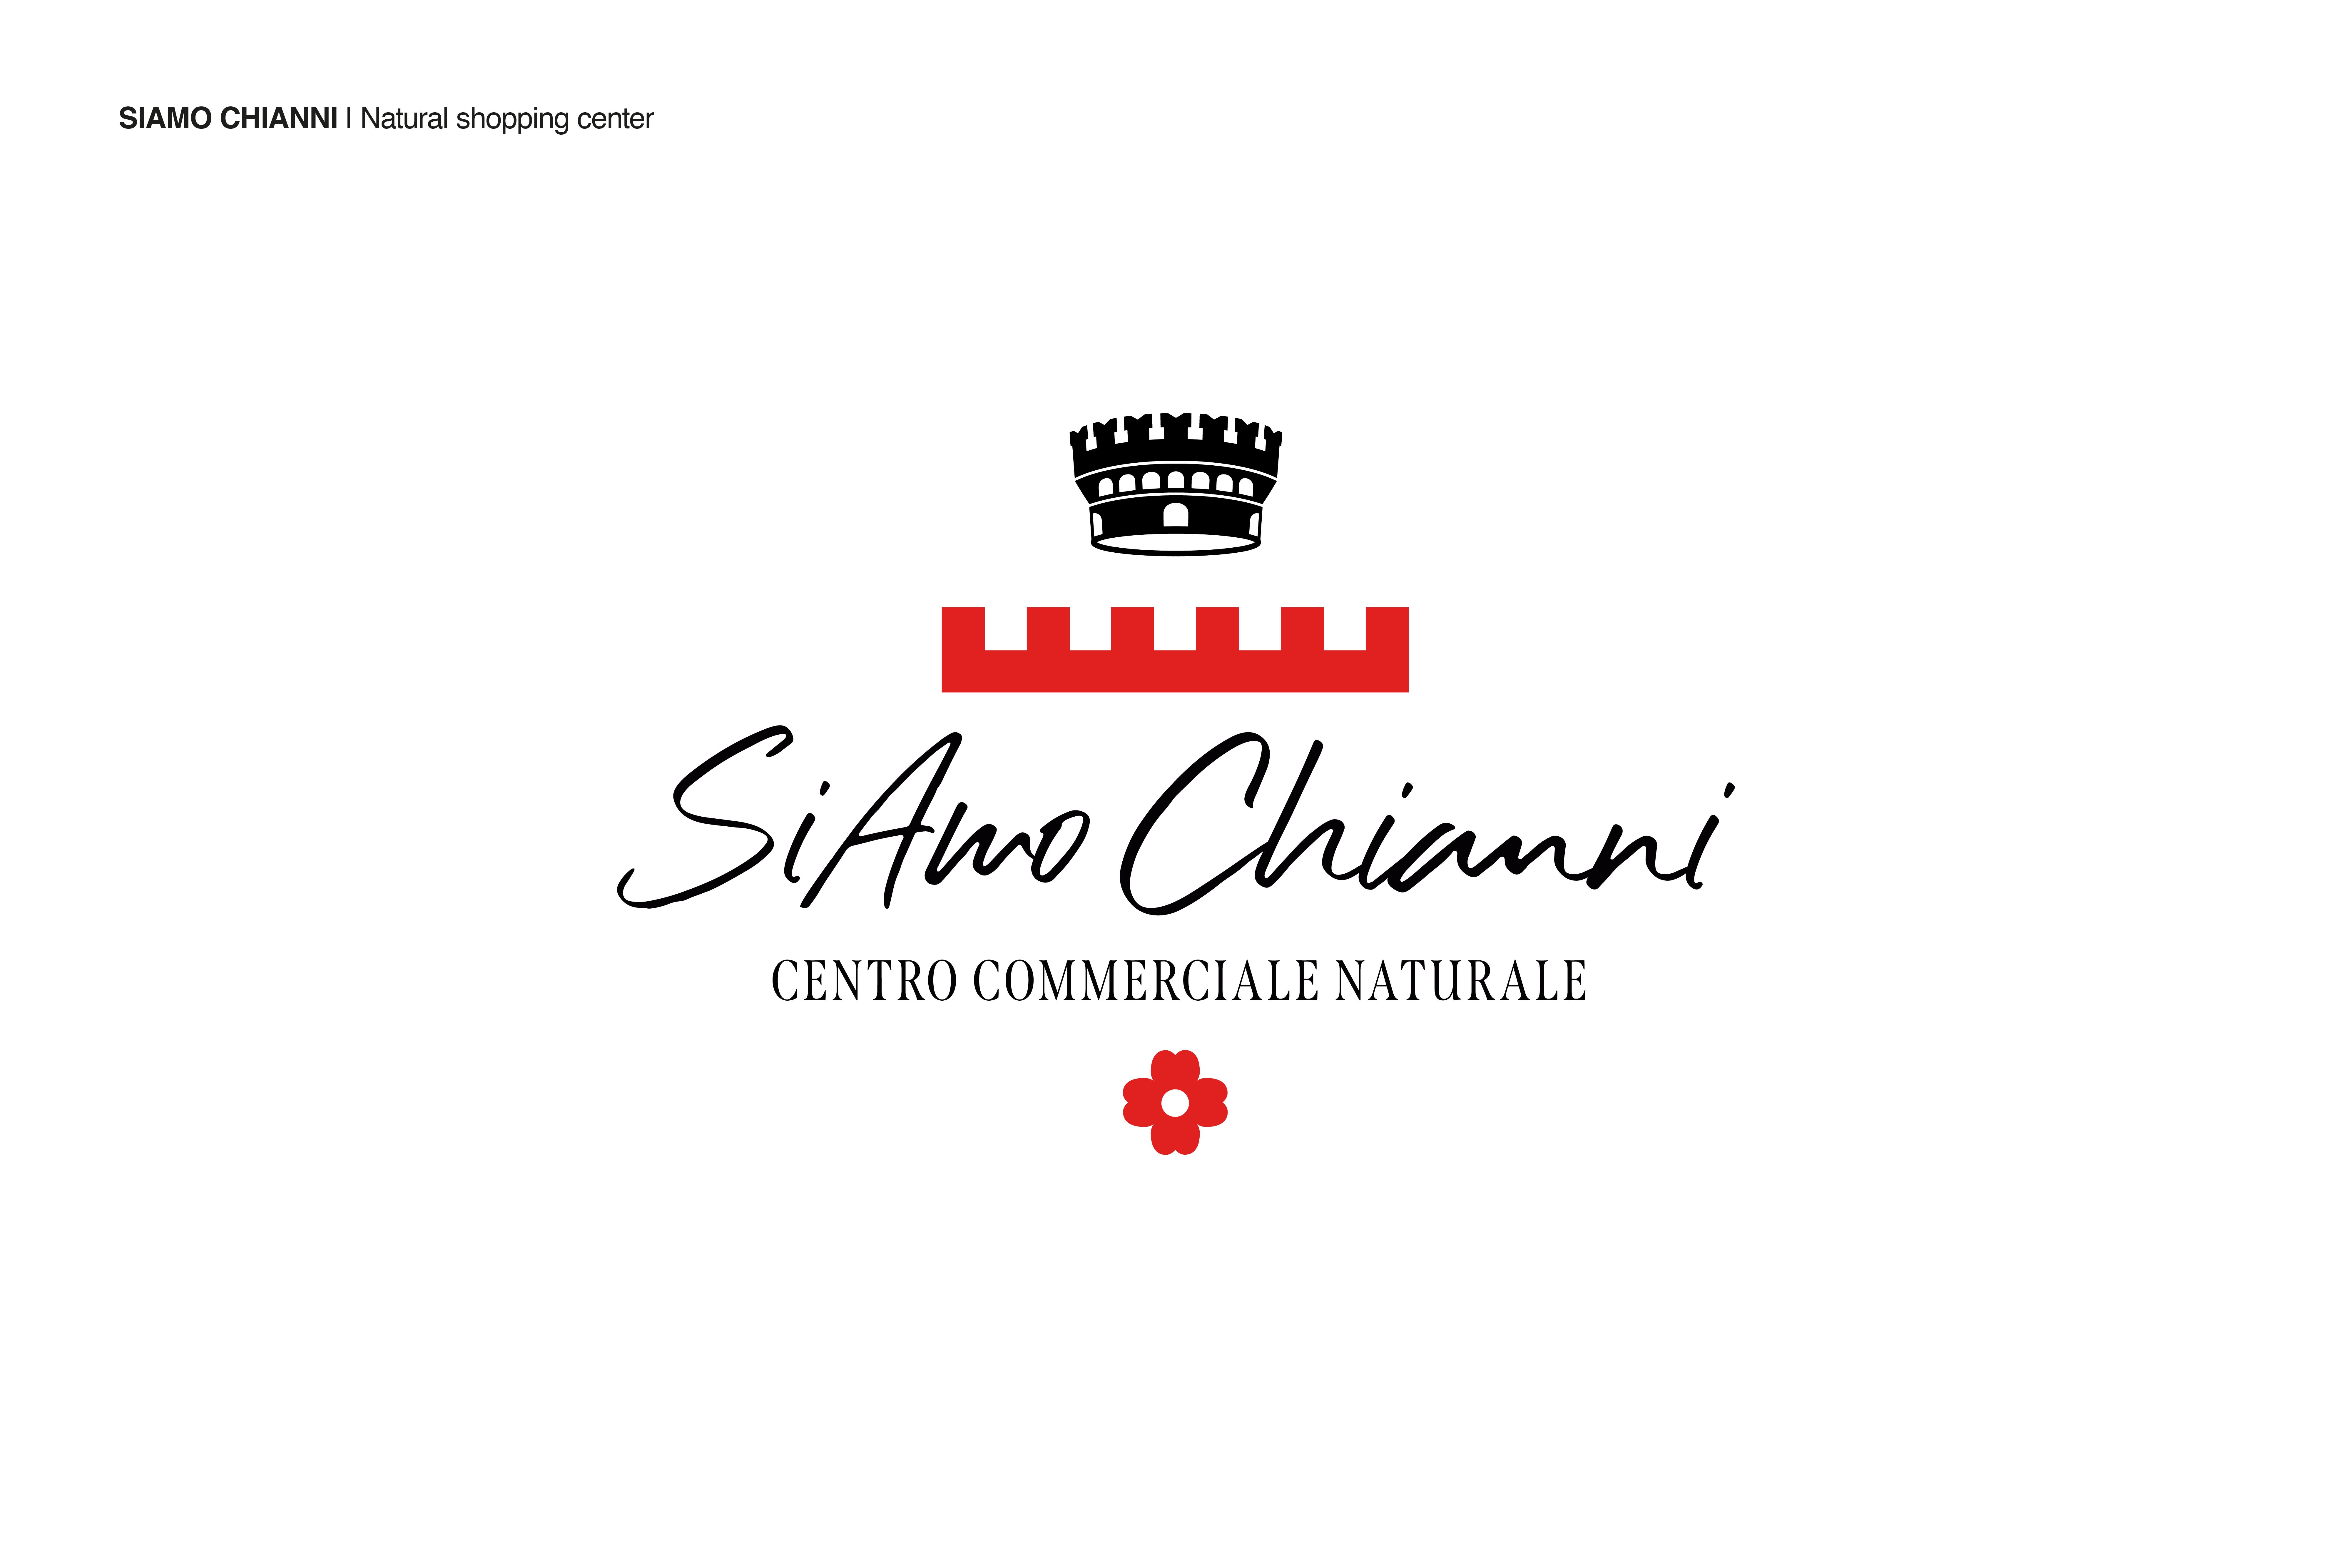 Logo SiAmo Chianni by Zerouno Design